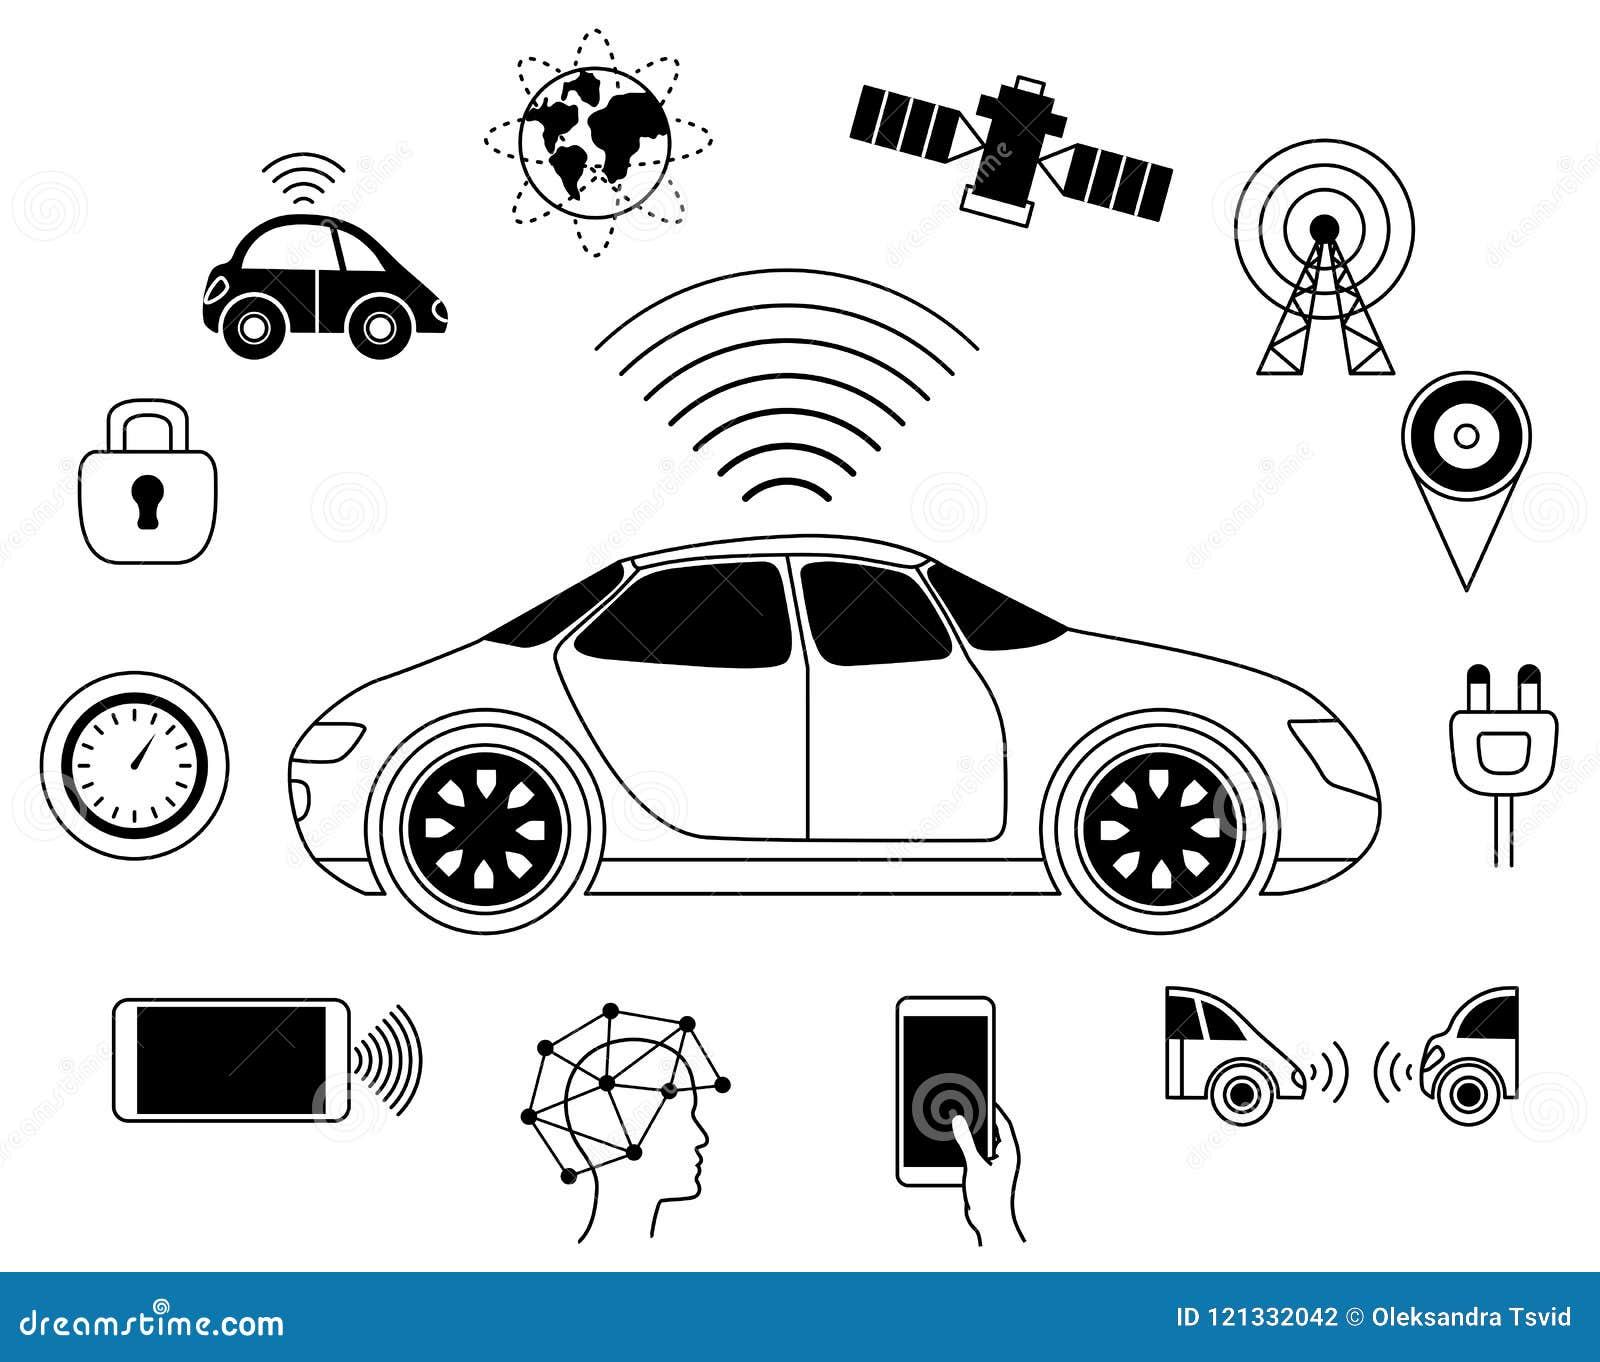 Símbolo gráfico del coche robótico Driverless, uno mismo-conduciendo el auto